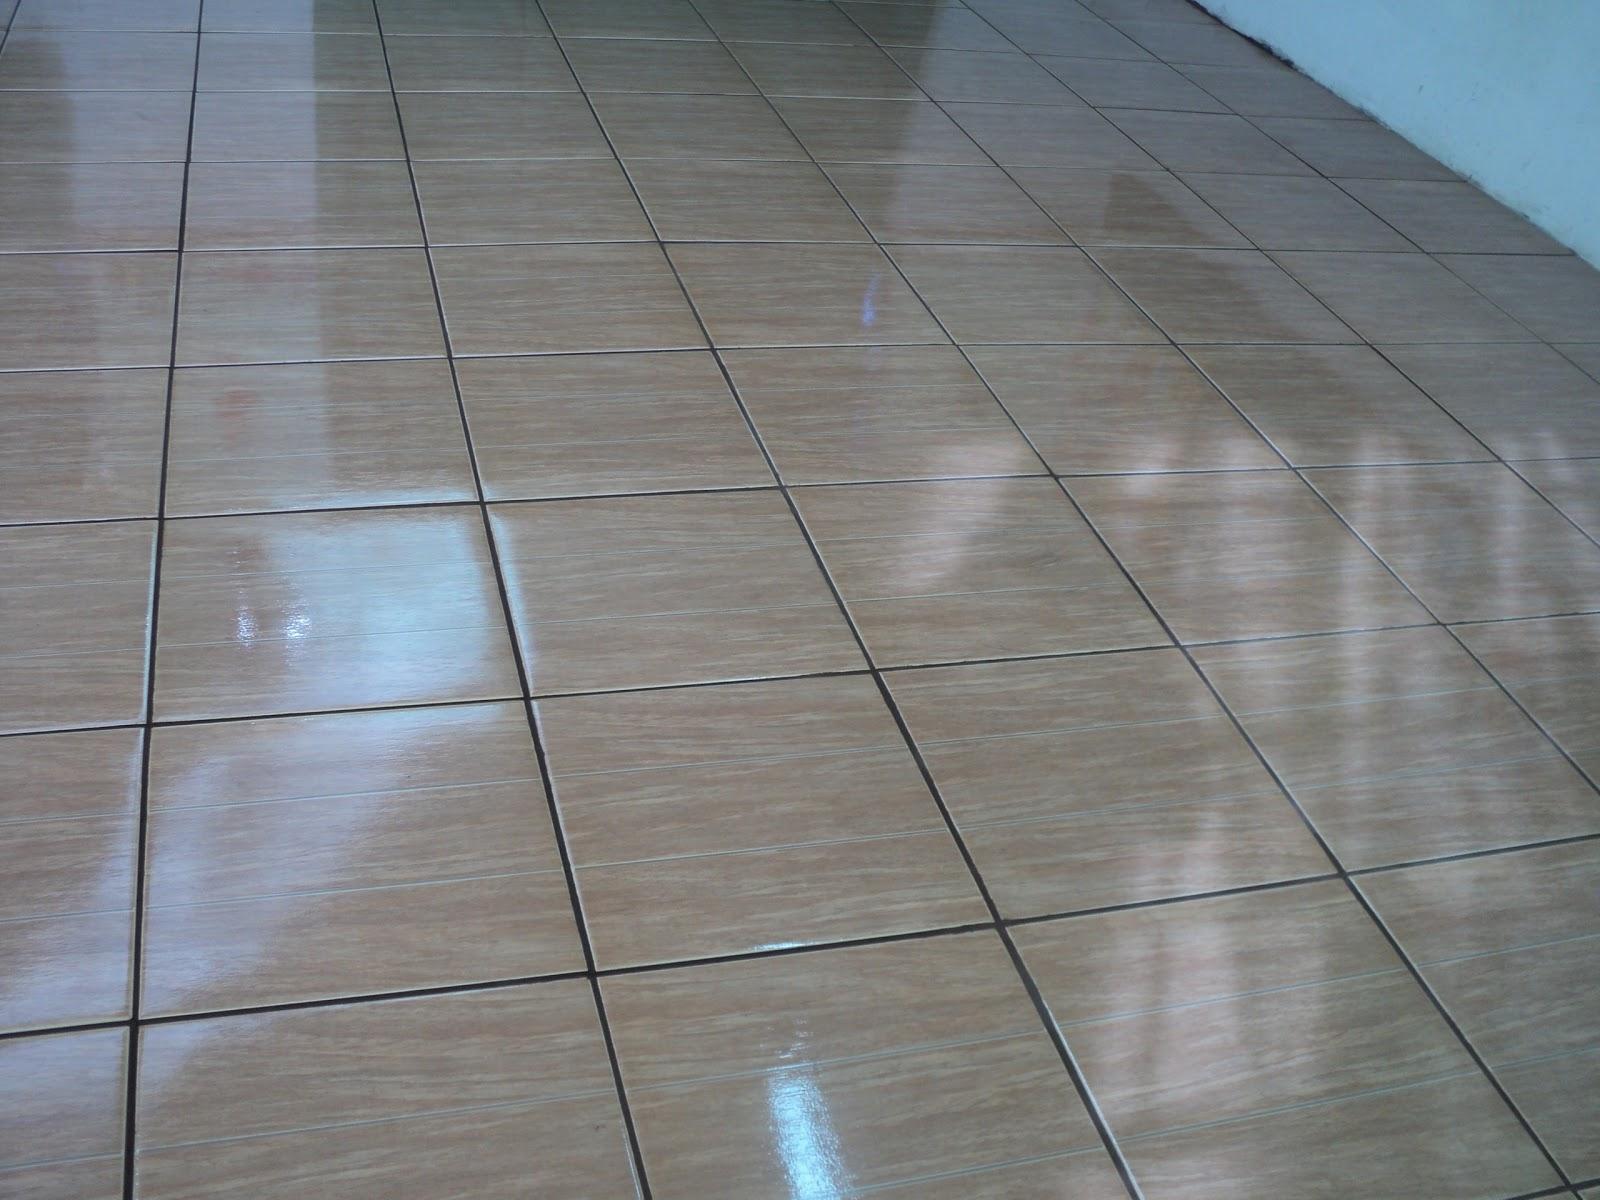 Pin atooms fotos pisos de marmol on pinterest for Marmol para pisos